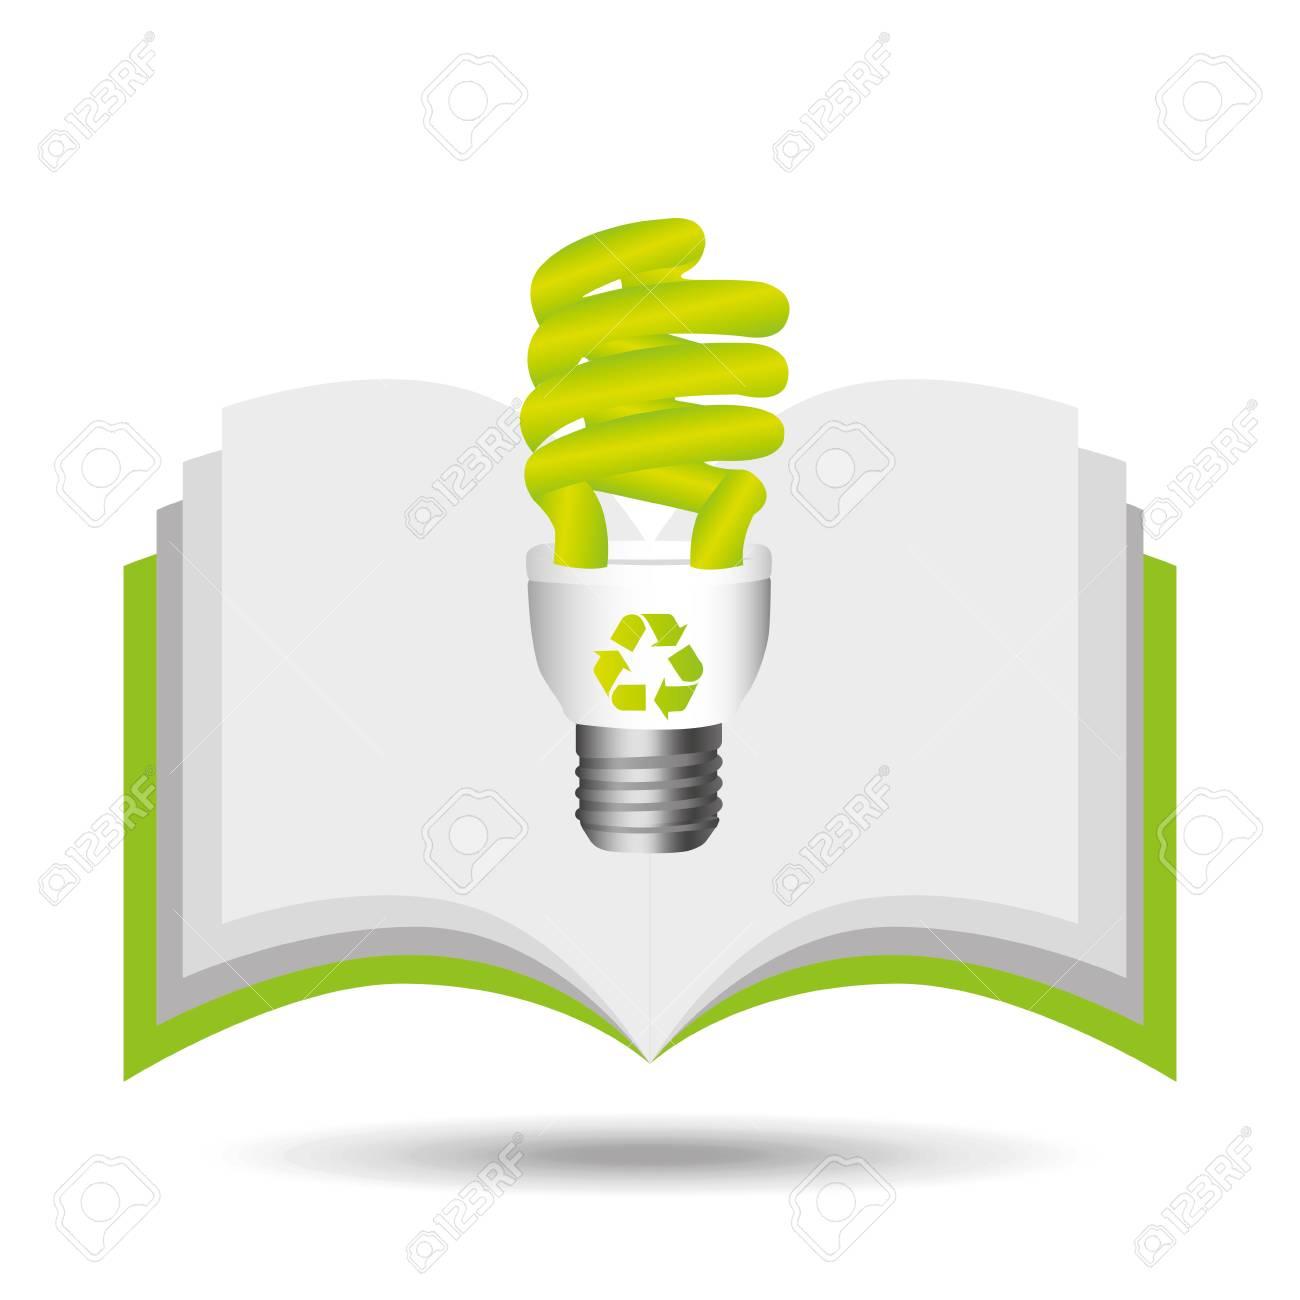 Fantastisch Elektrisches Symbol Für Glühbirne Ideen - Die Besten ...